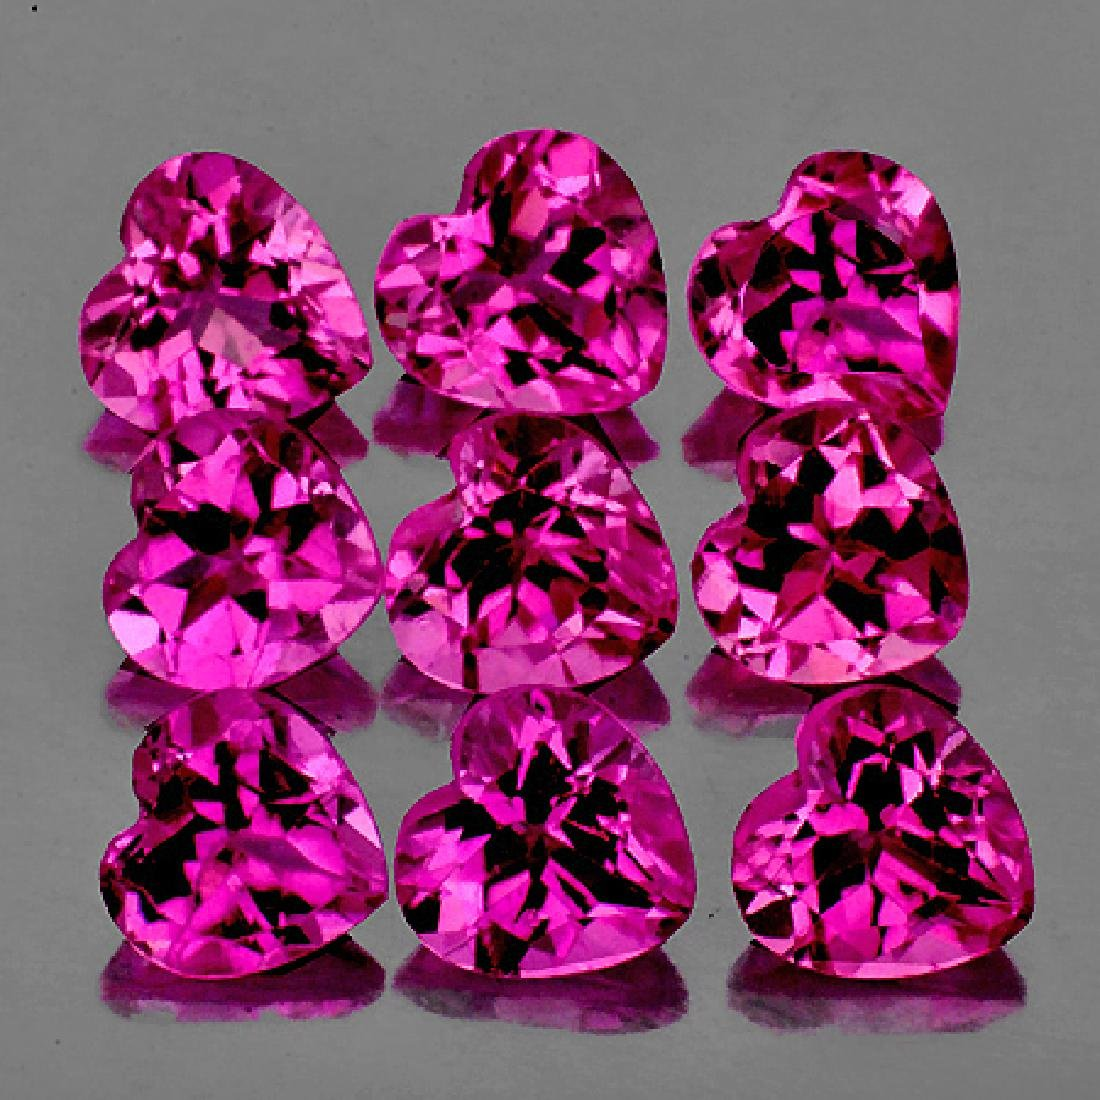 Natural Hot Pink Tourmaline Heart 3.5 mm - VVS